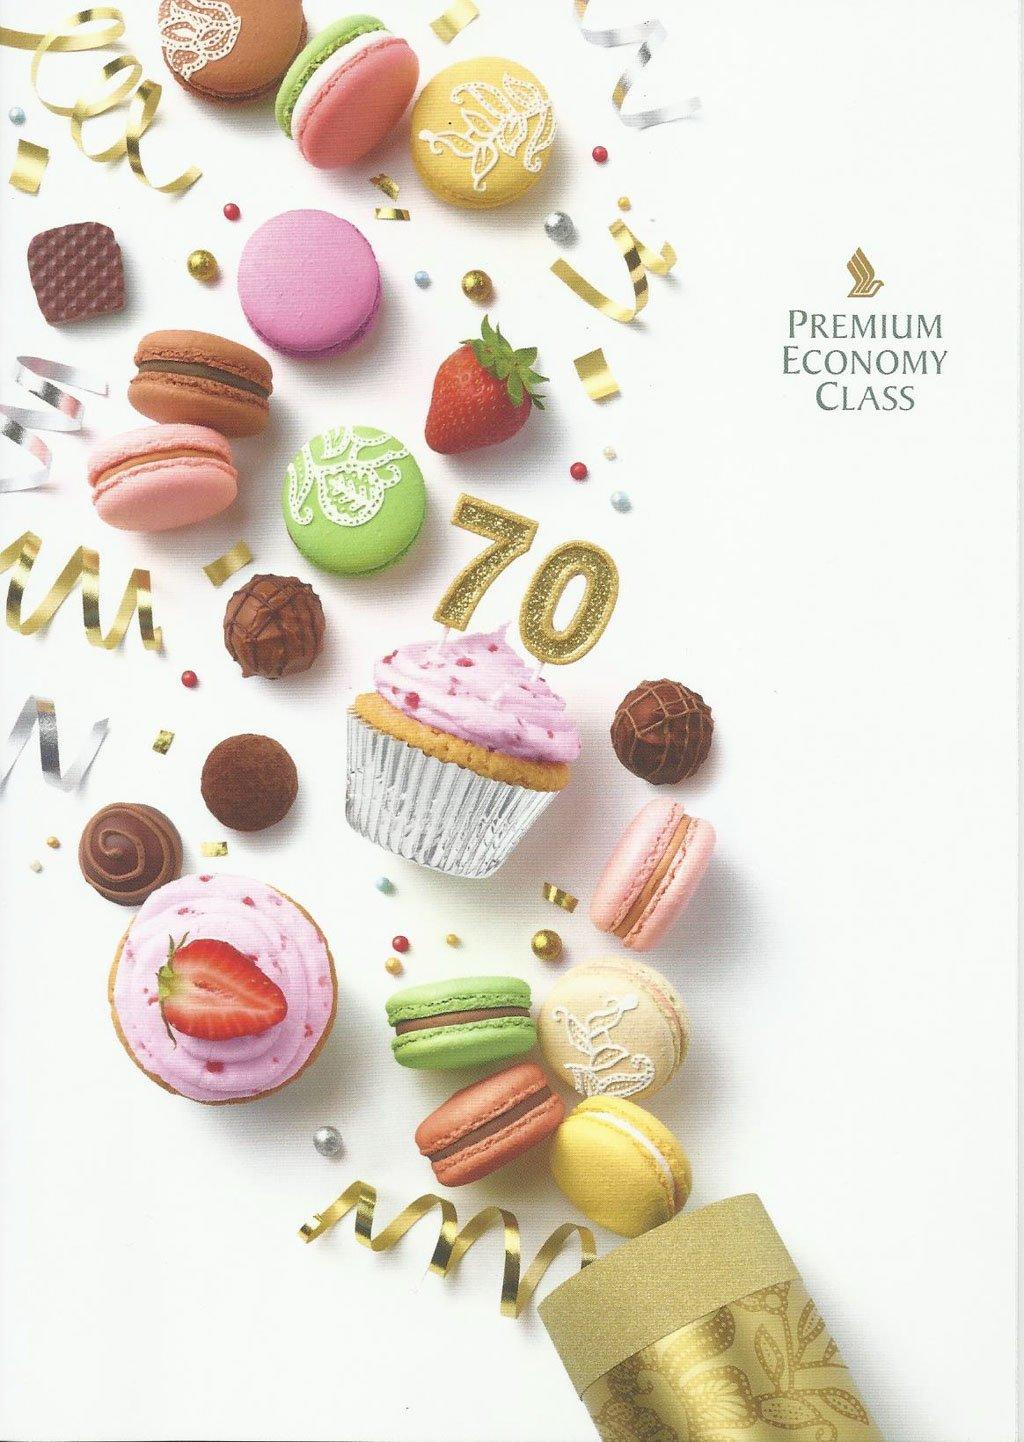 Singapore Airlines Premium Economy Class Menu